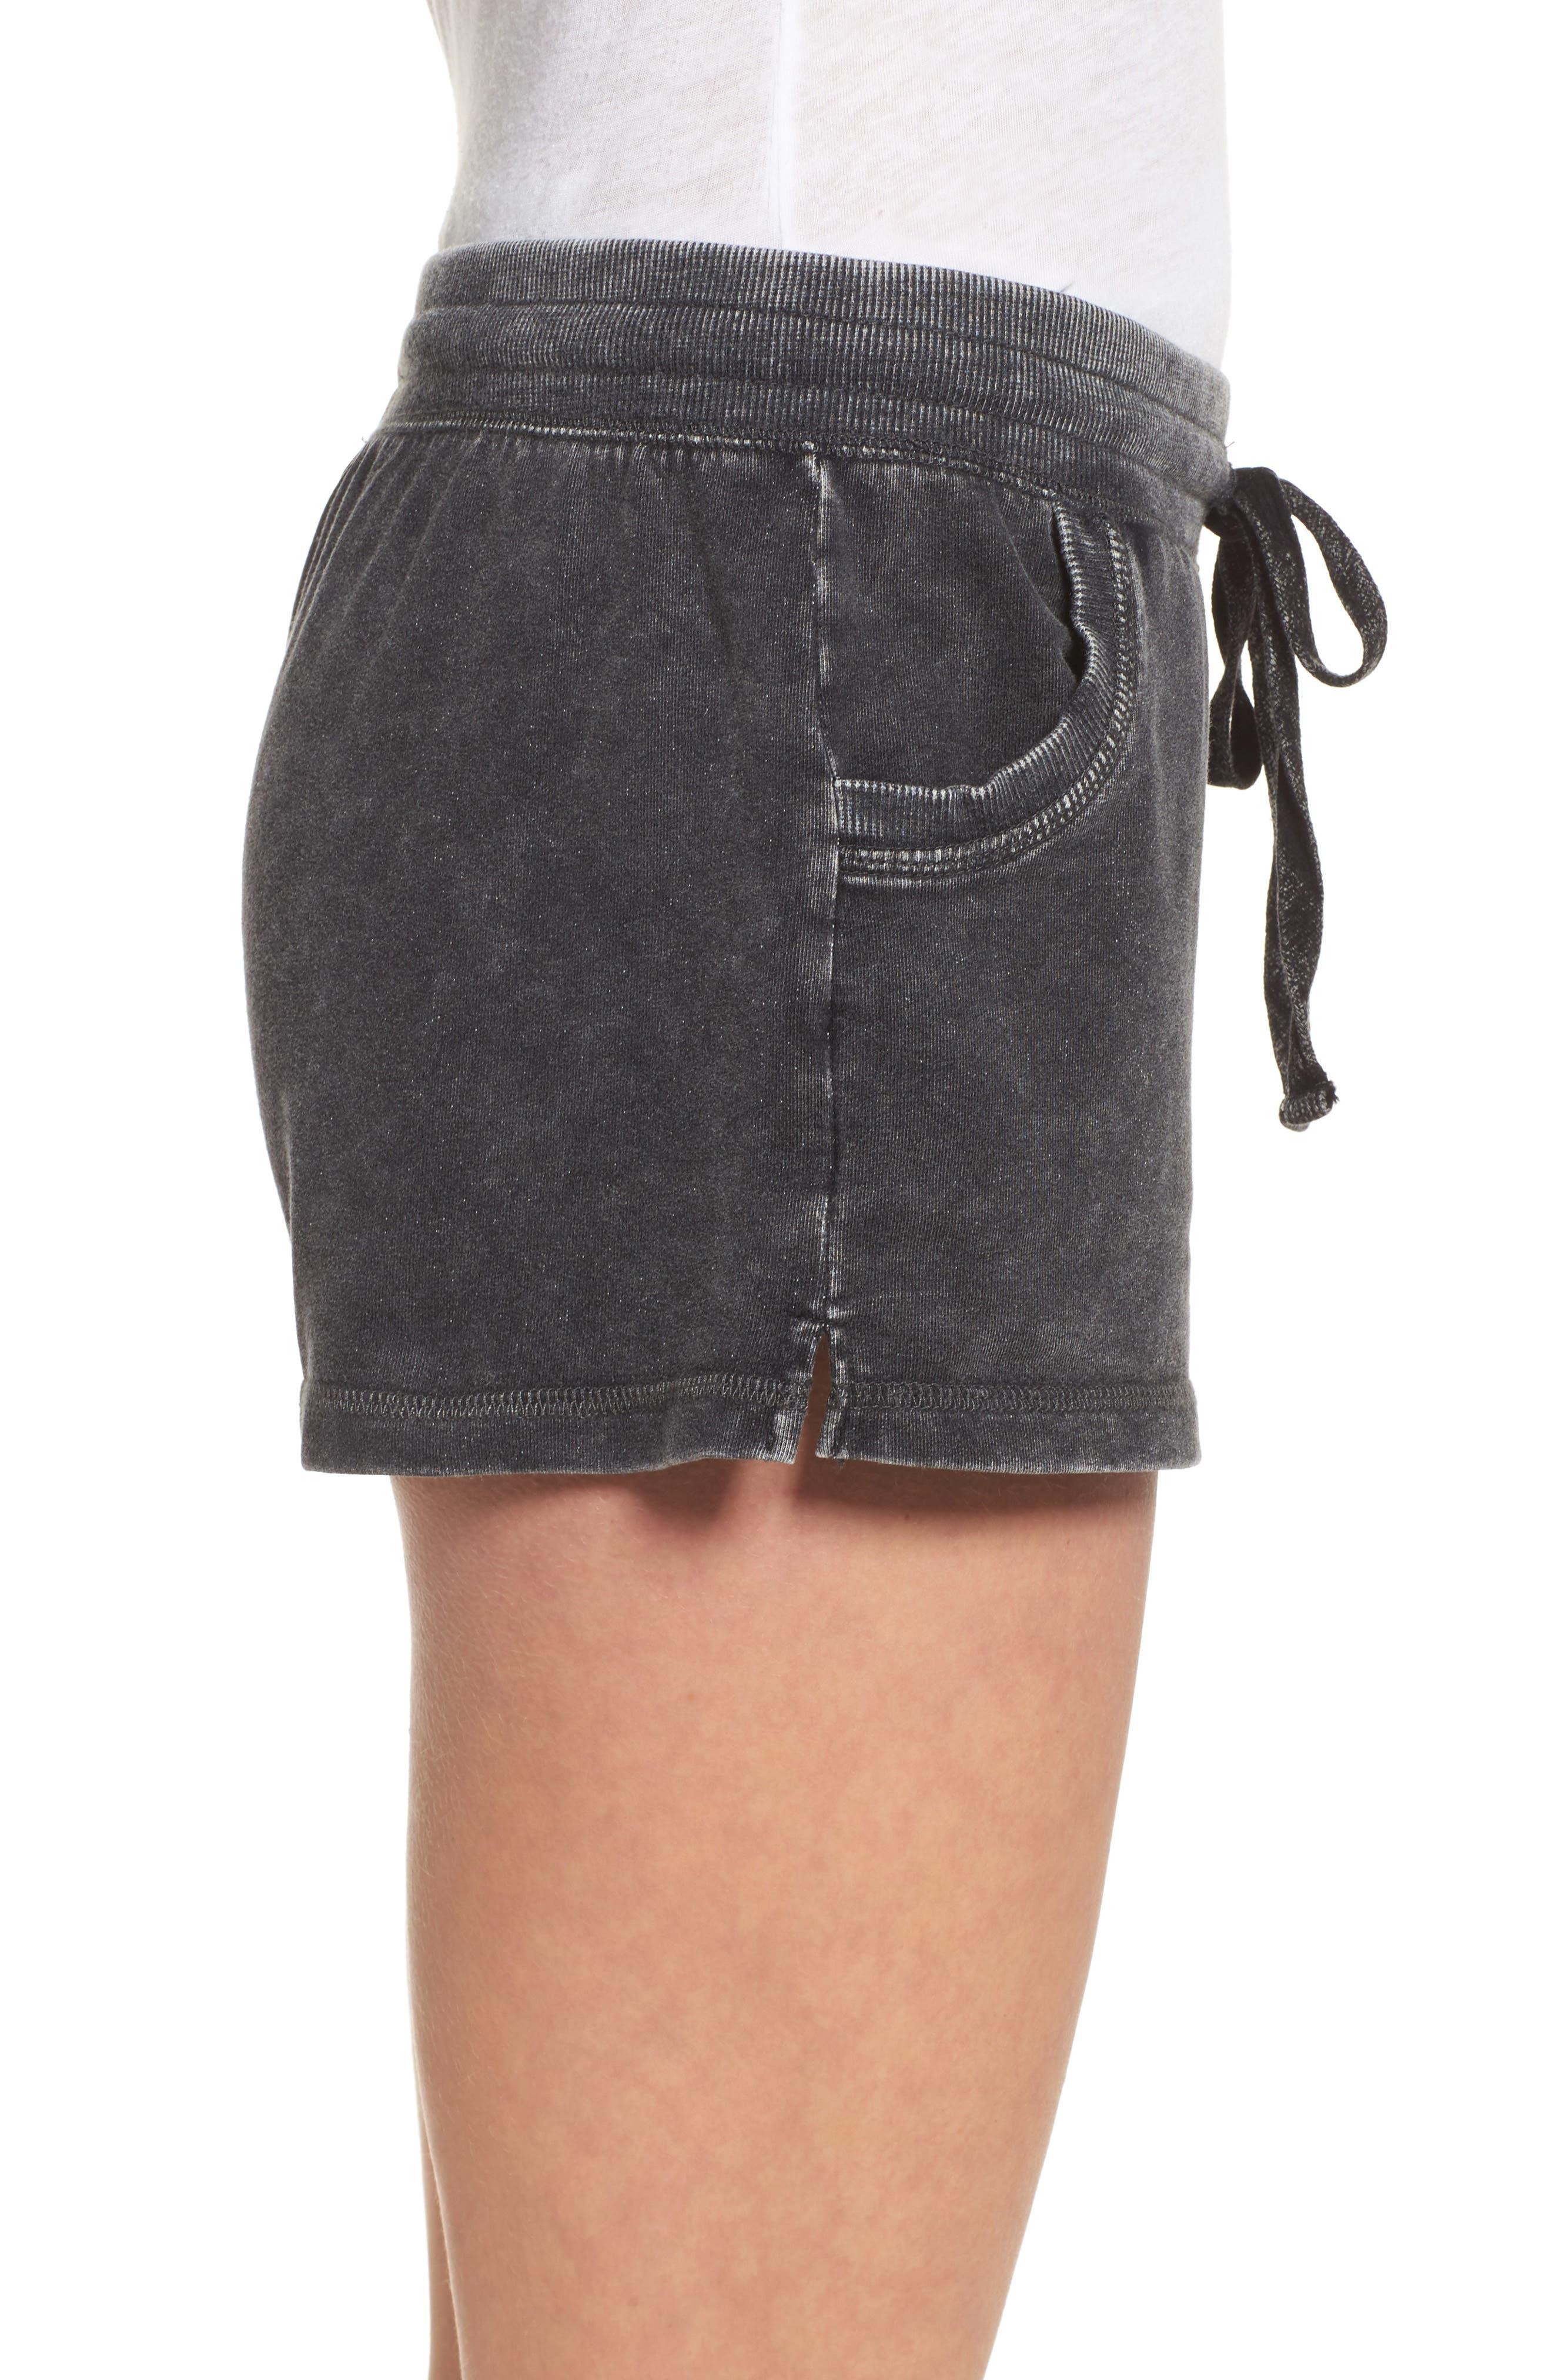 Lounge Shorts,                             Alternate thumbnail 3, color,                             Black